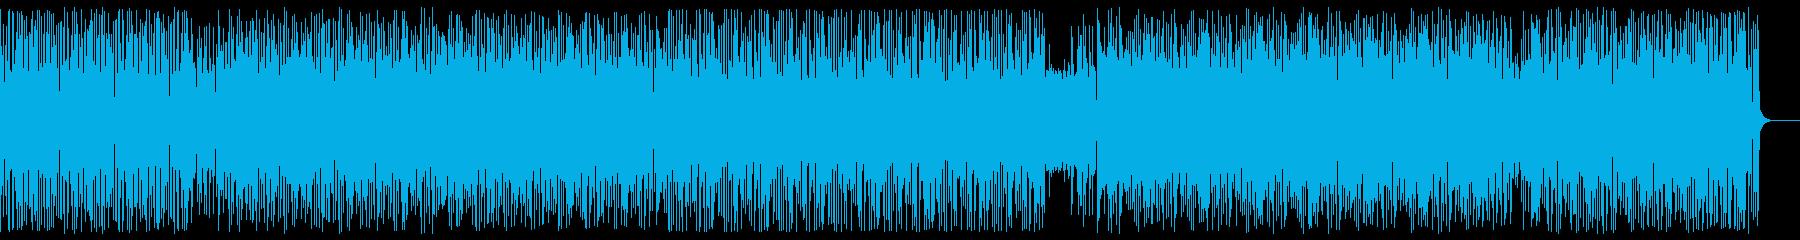 かっこいいドラムンベースの再生済みの波形